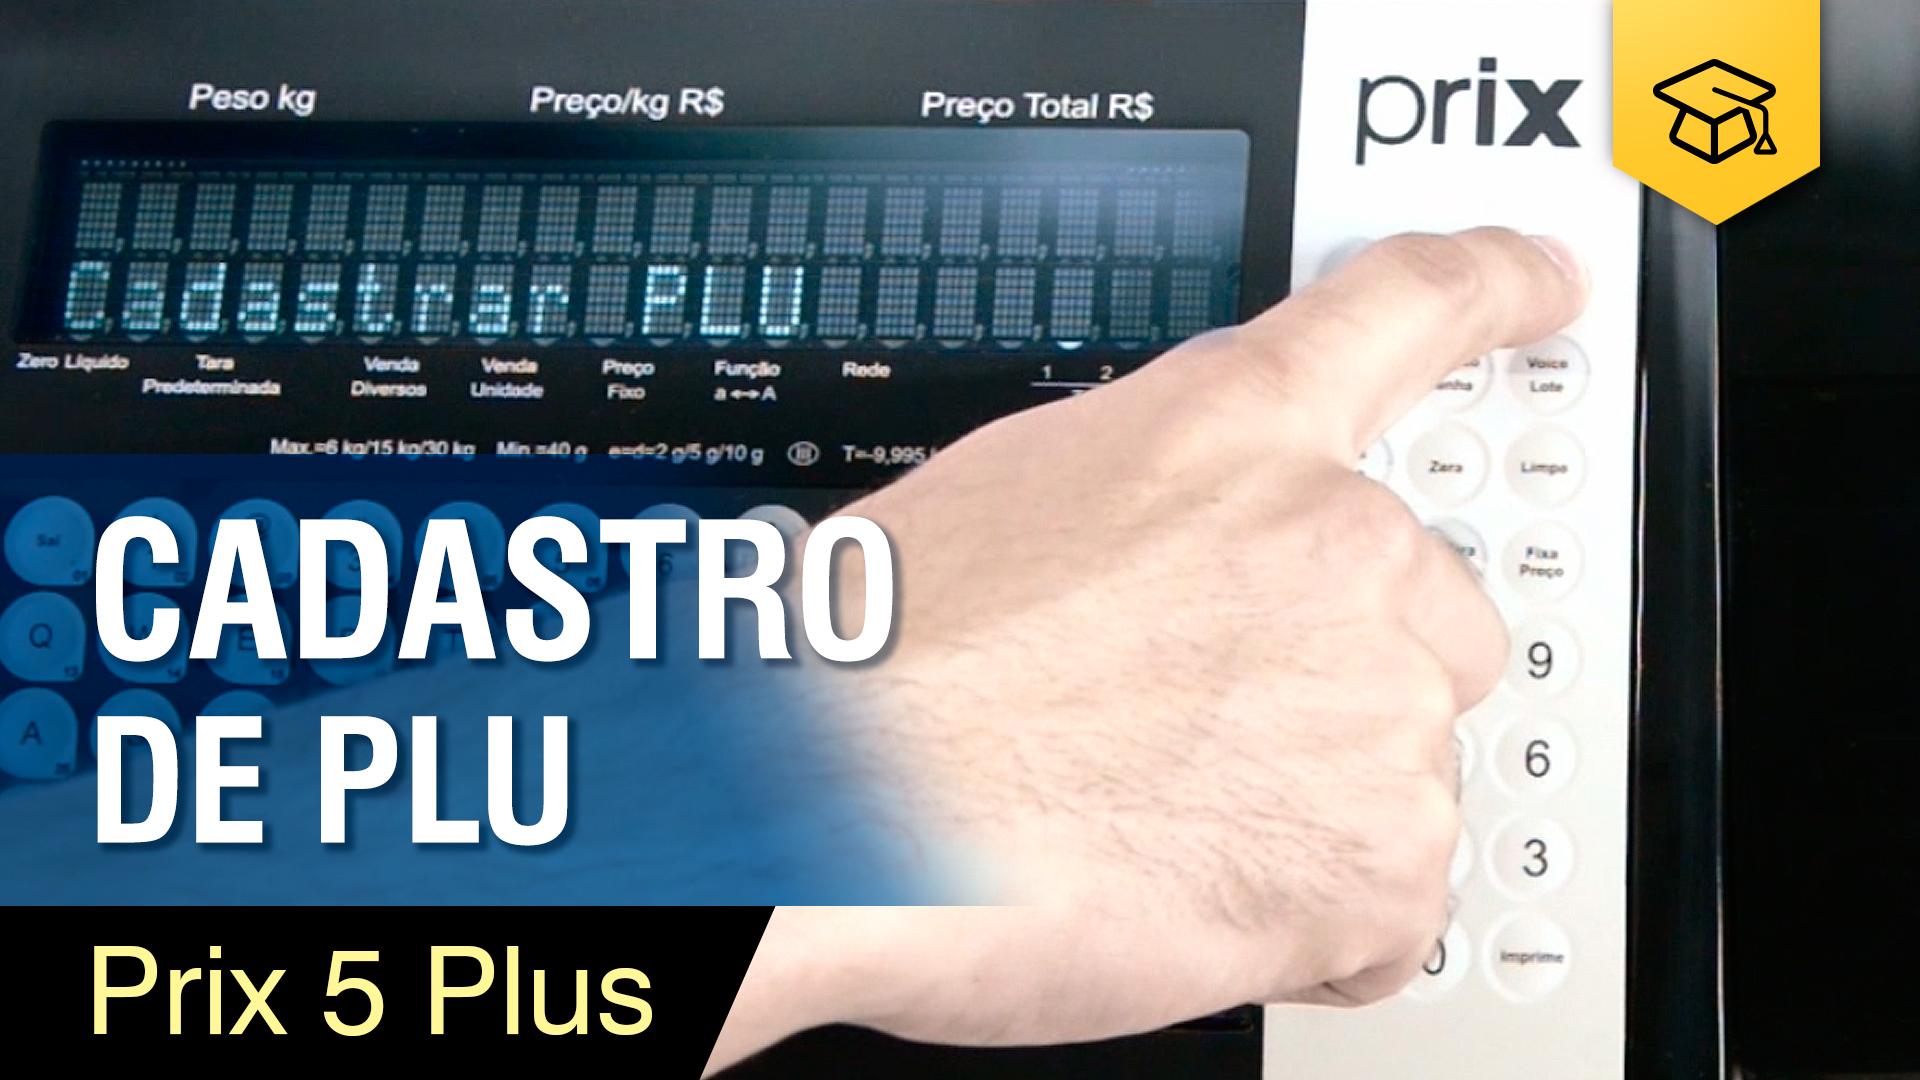 Prix 5 Plus - Cadastro de PLU